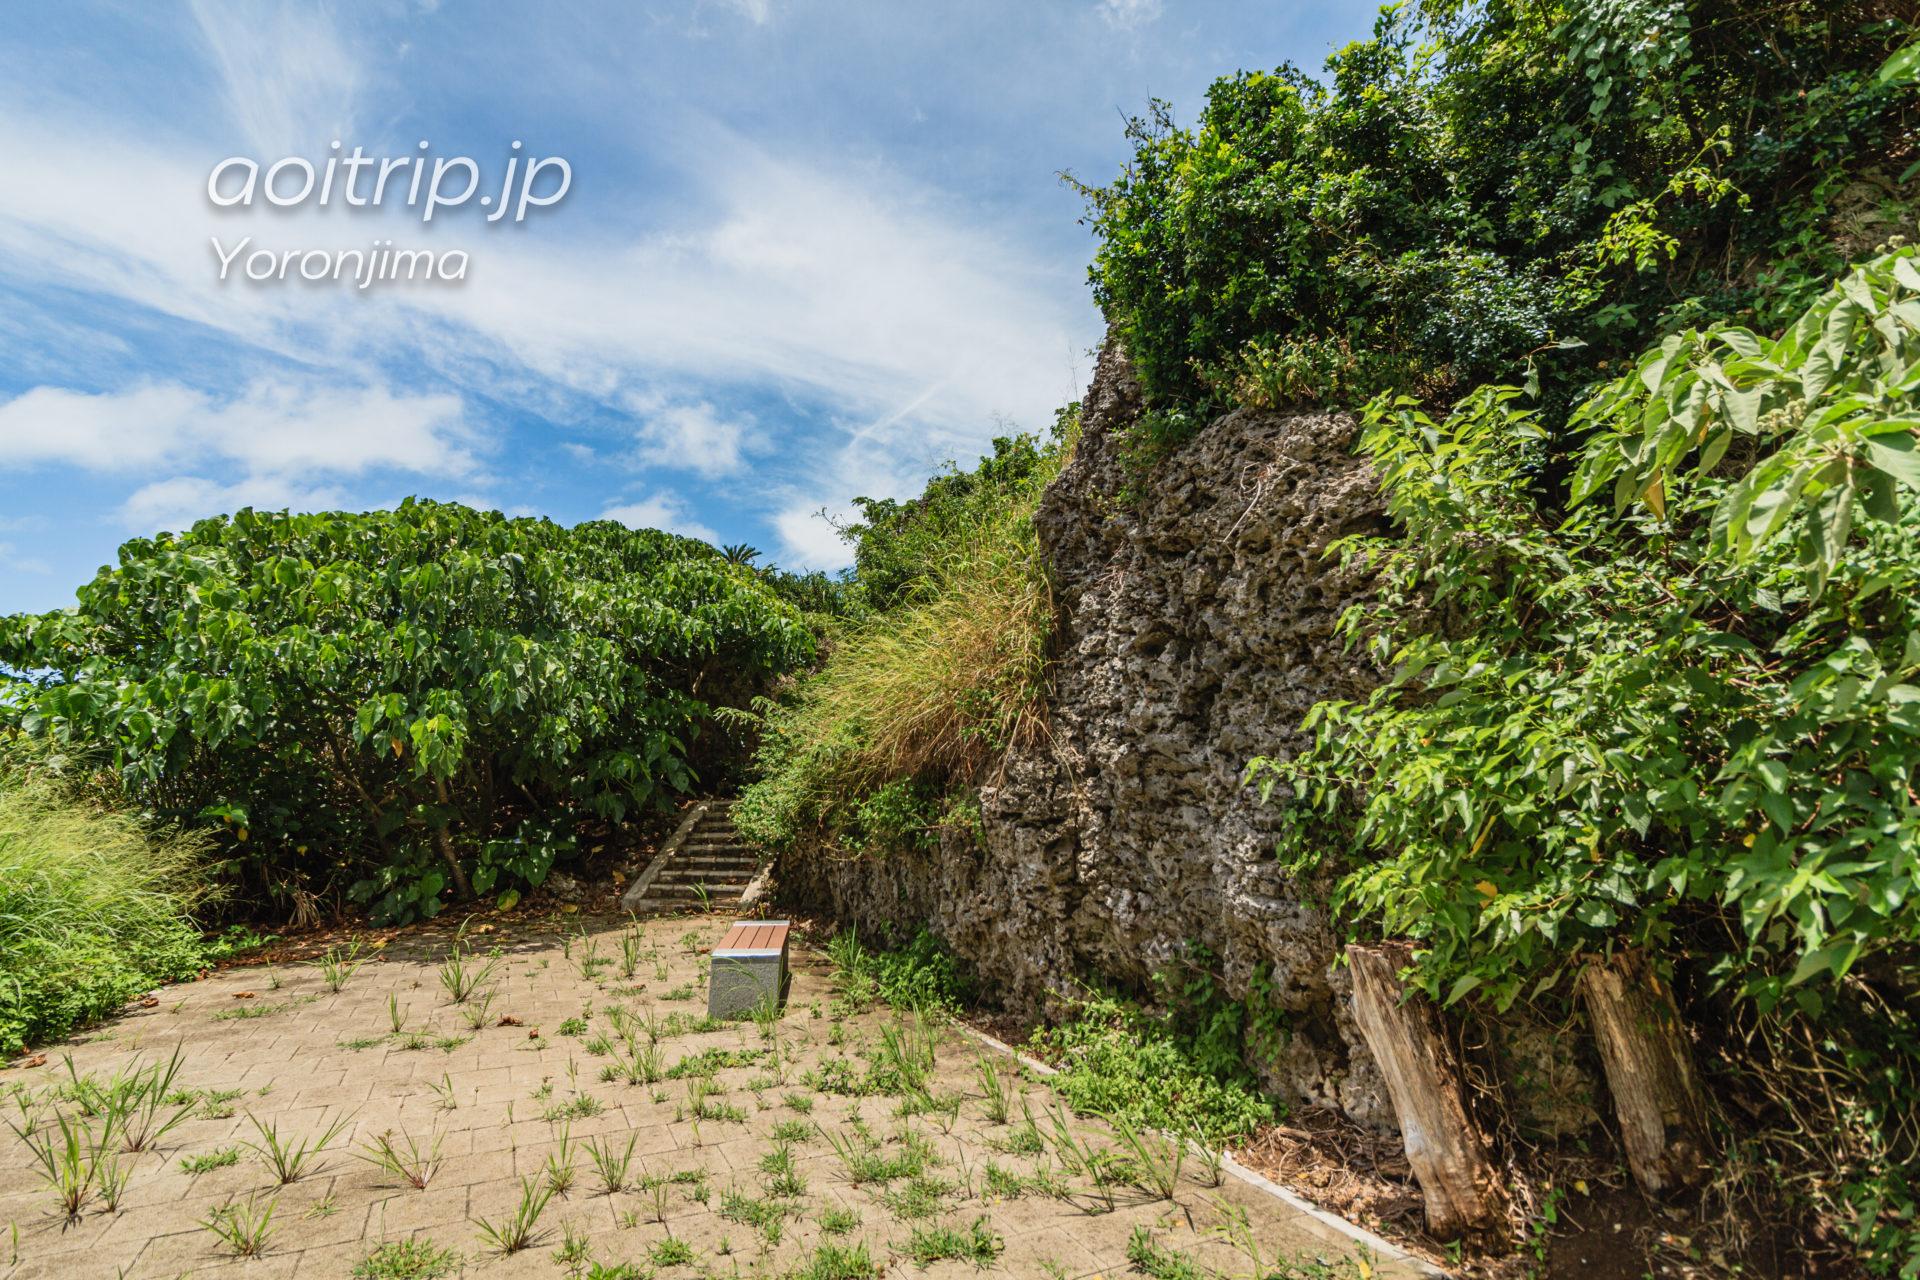 舵引き丘 与論島誕生の伝説の地へ